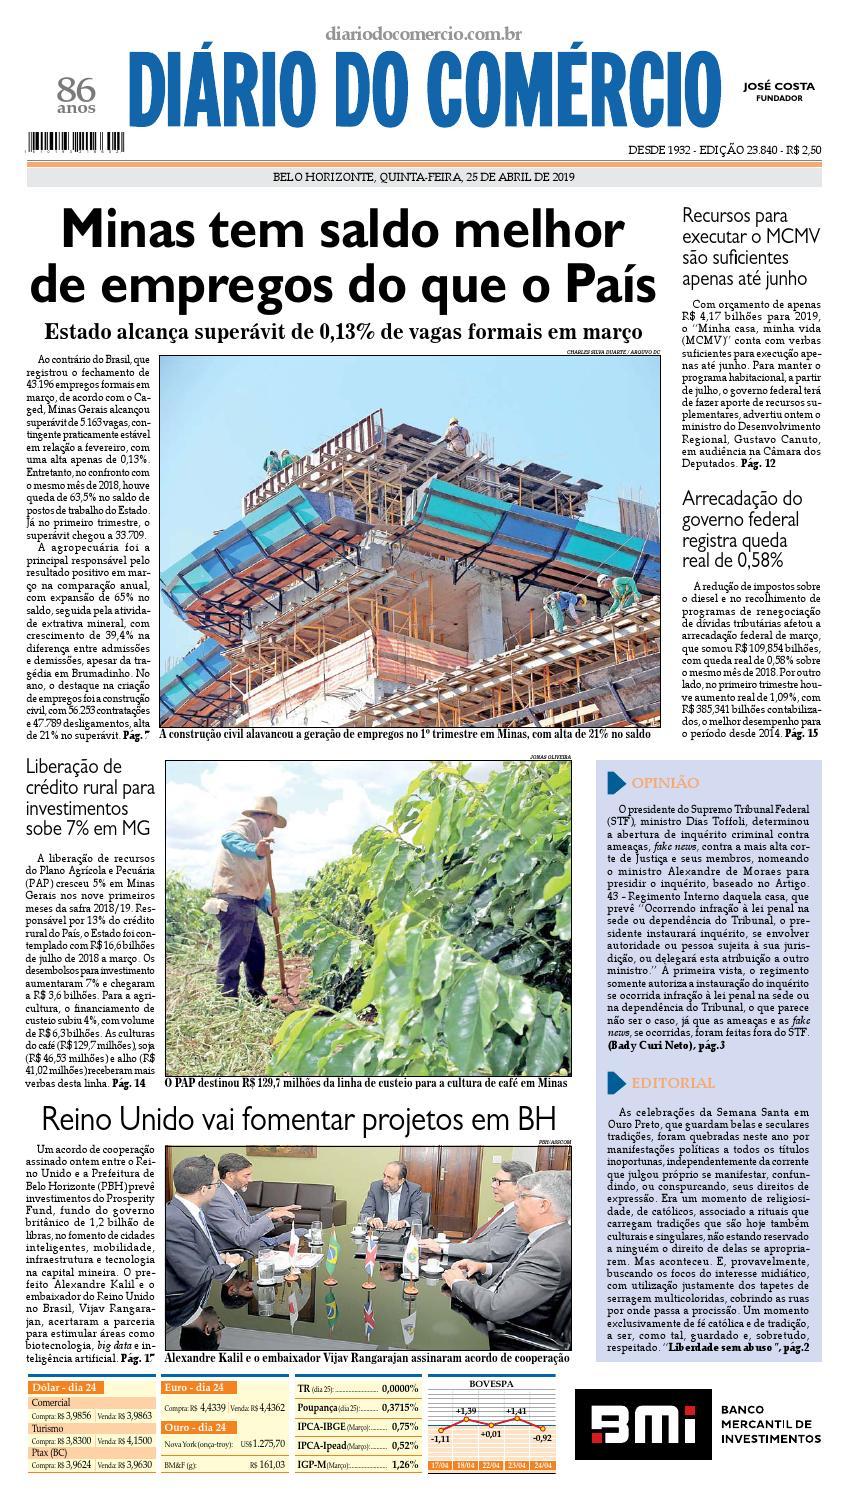 b609a273d 23.840 by Diário do Comércio - Belo Horizonte - issuu